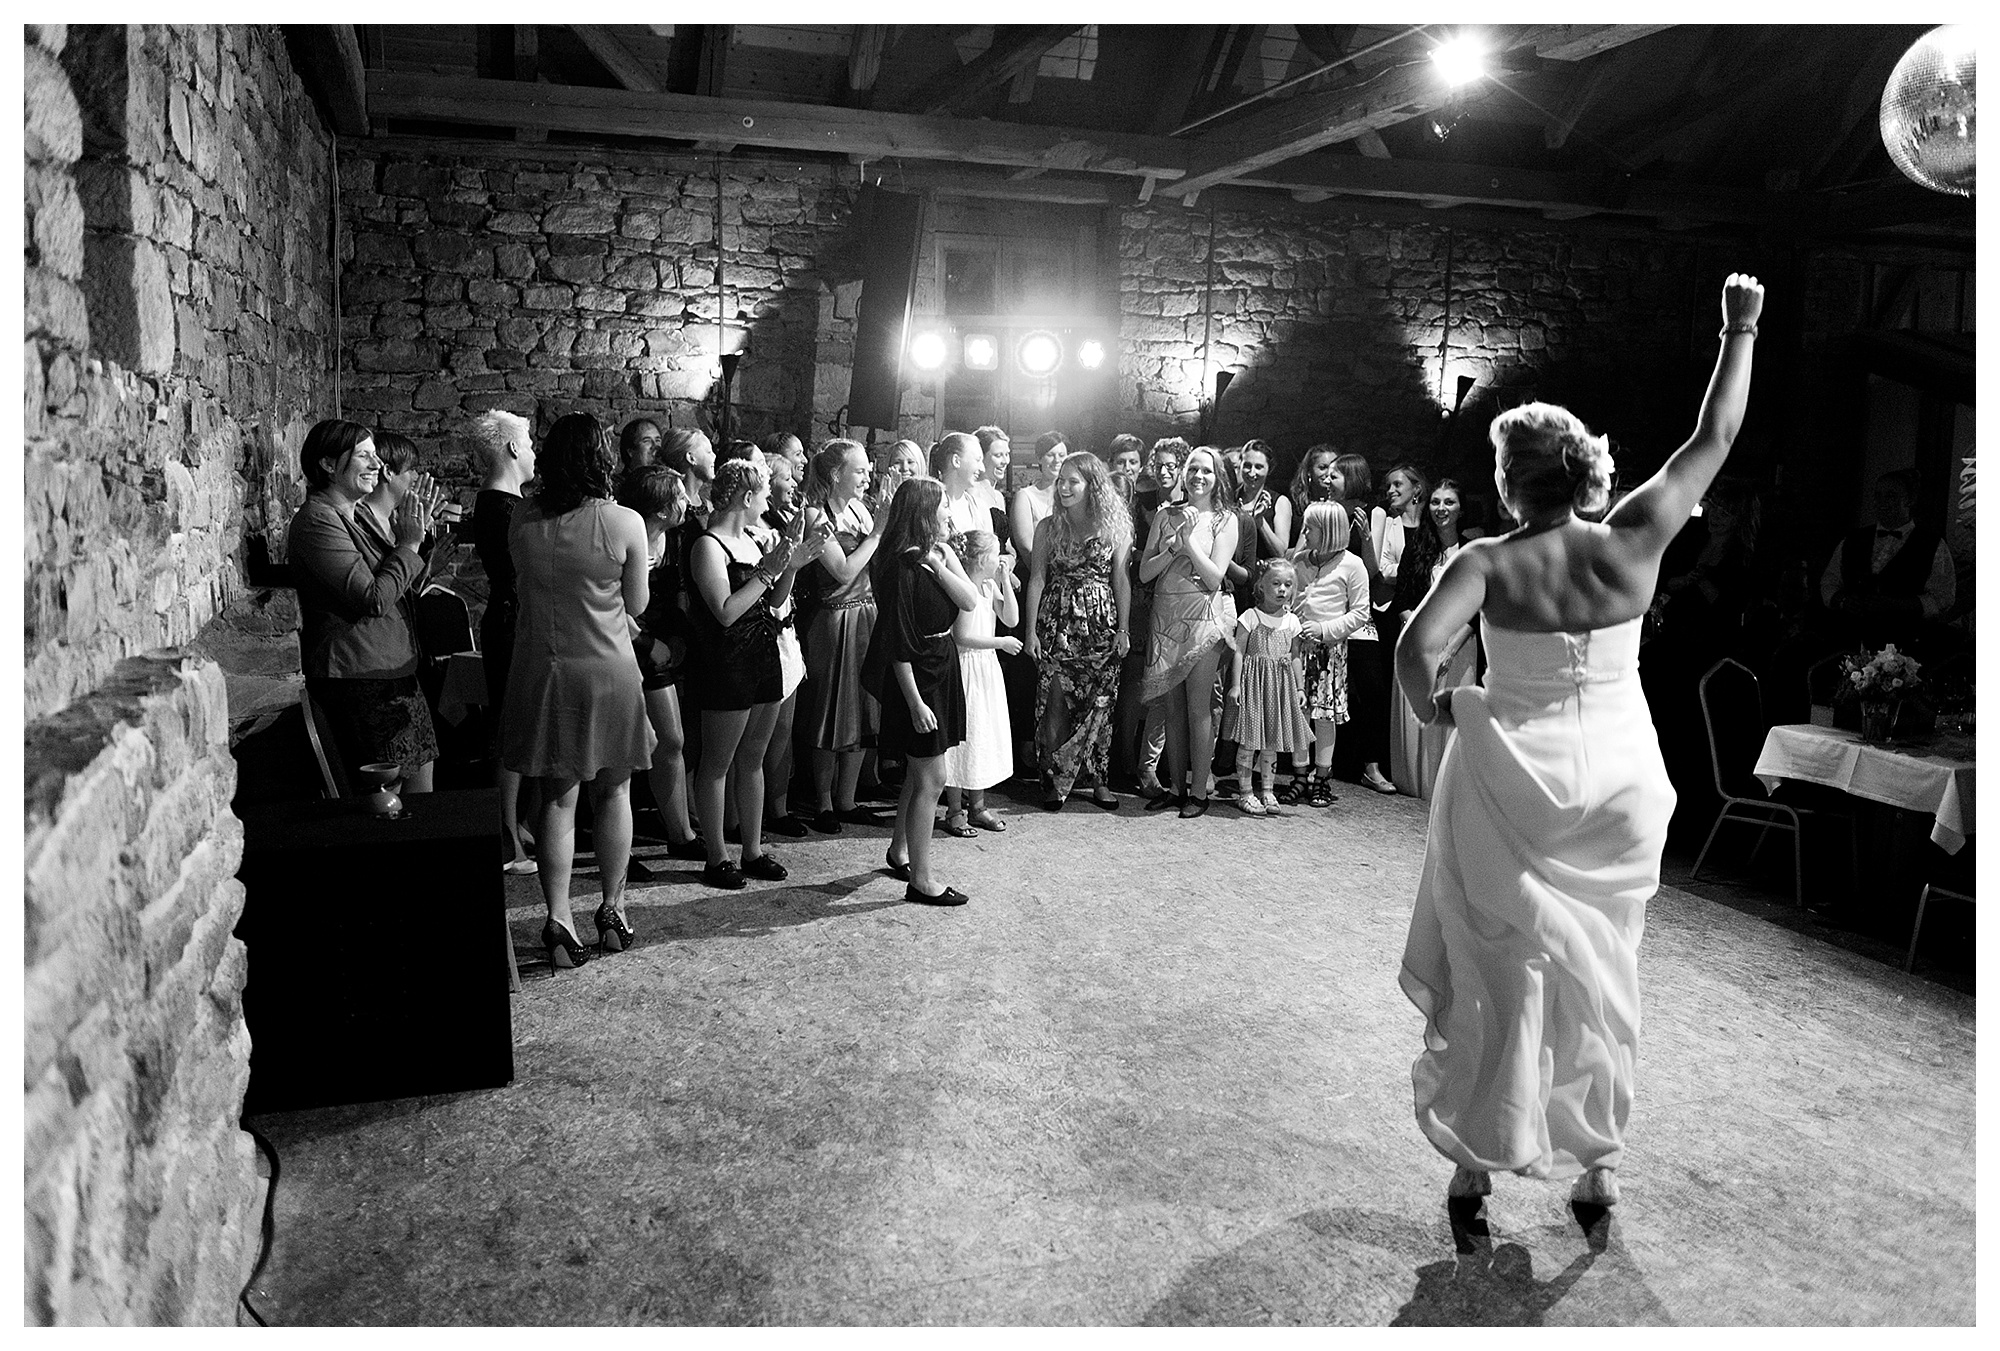 Fotograf Konstanz - Best of 2014 Elmar Feuerbacher Photography Hochzeit Portrait 057 - Rückblick auf 2014  - 137 -